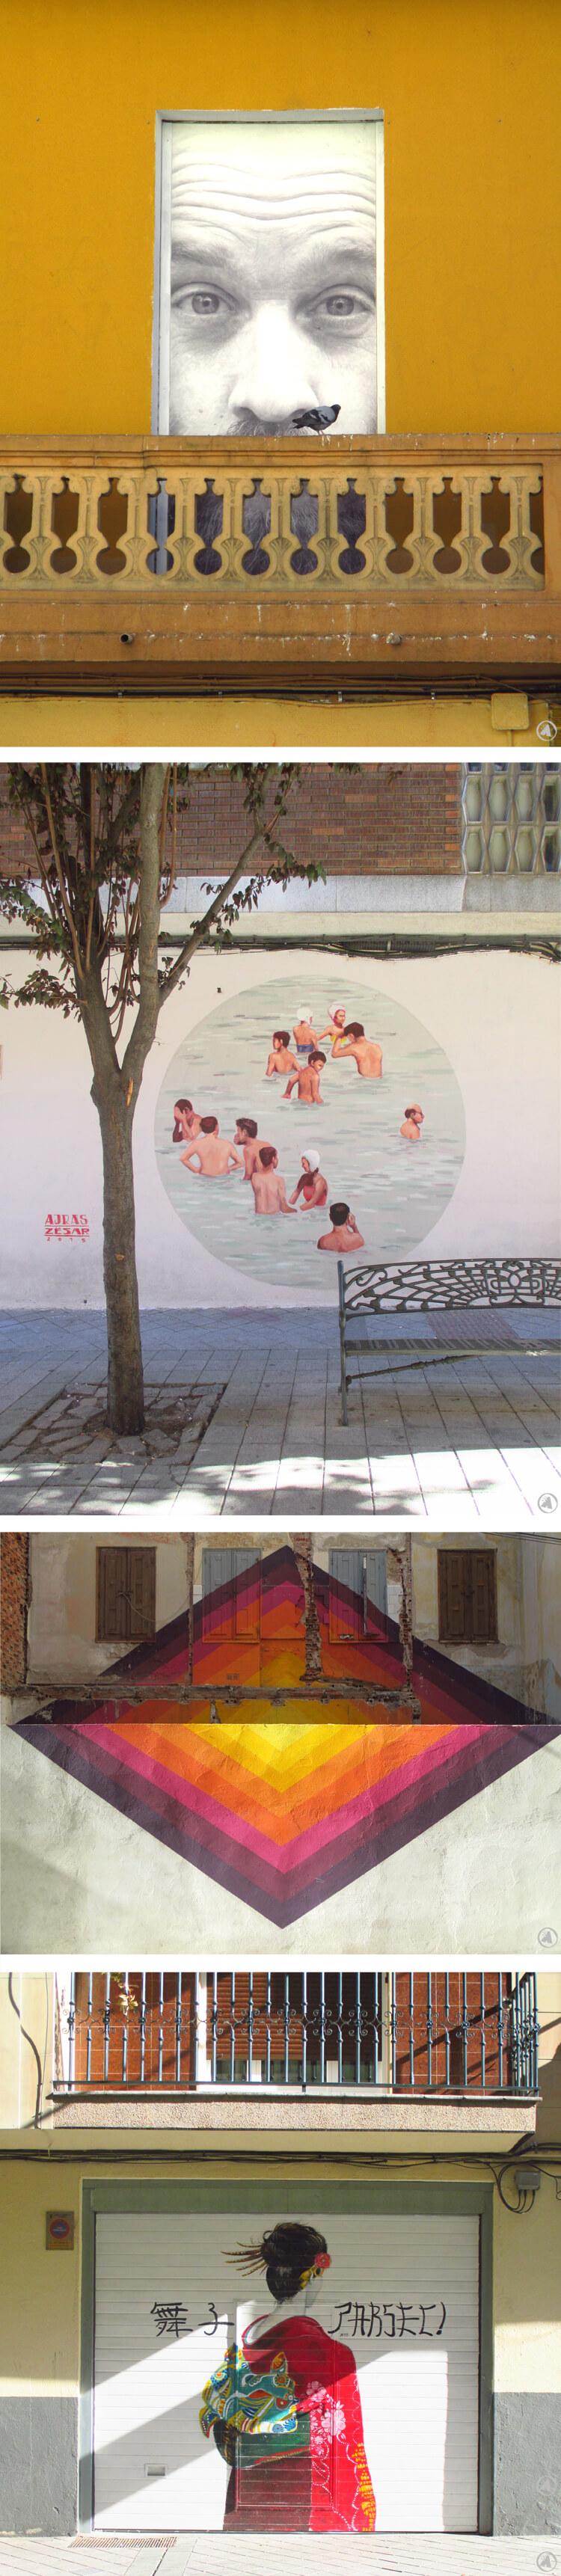 Artikel over kunst in Salamanca van Angeles Nieto